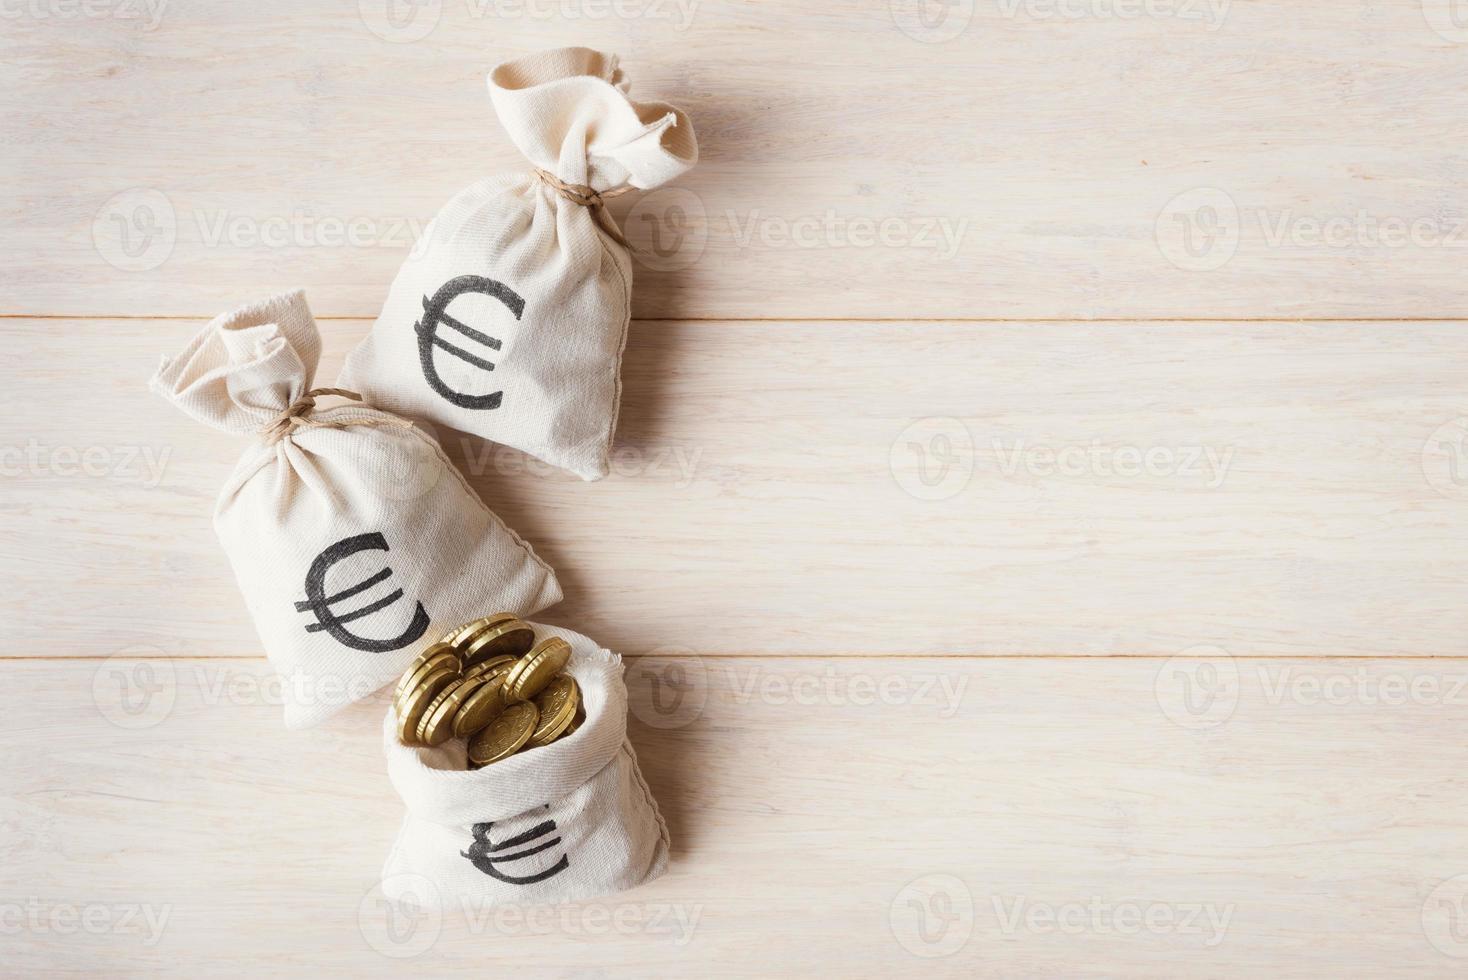 sacs d'argent avec des pièces en euros sur fond de bois clair photo